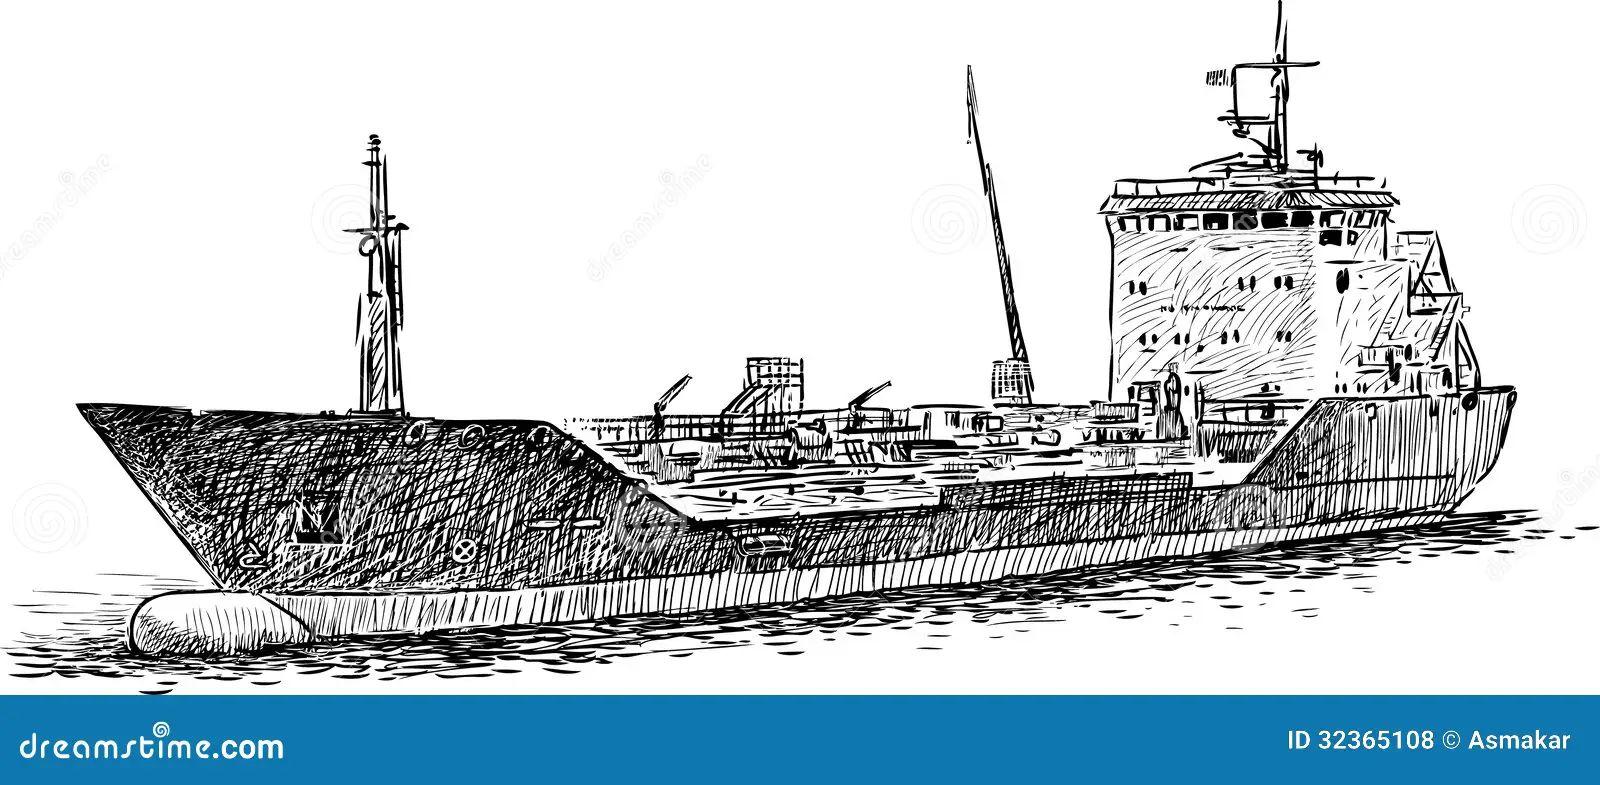 cargo ship diagram